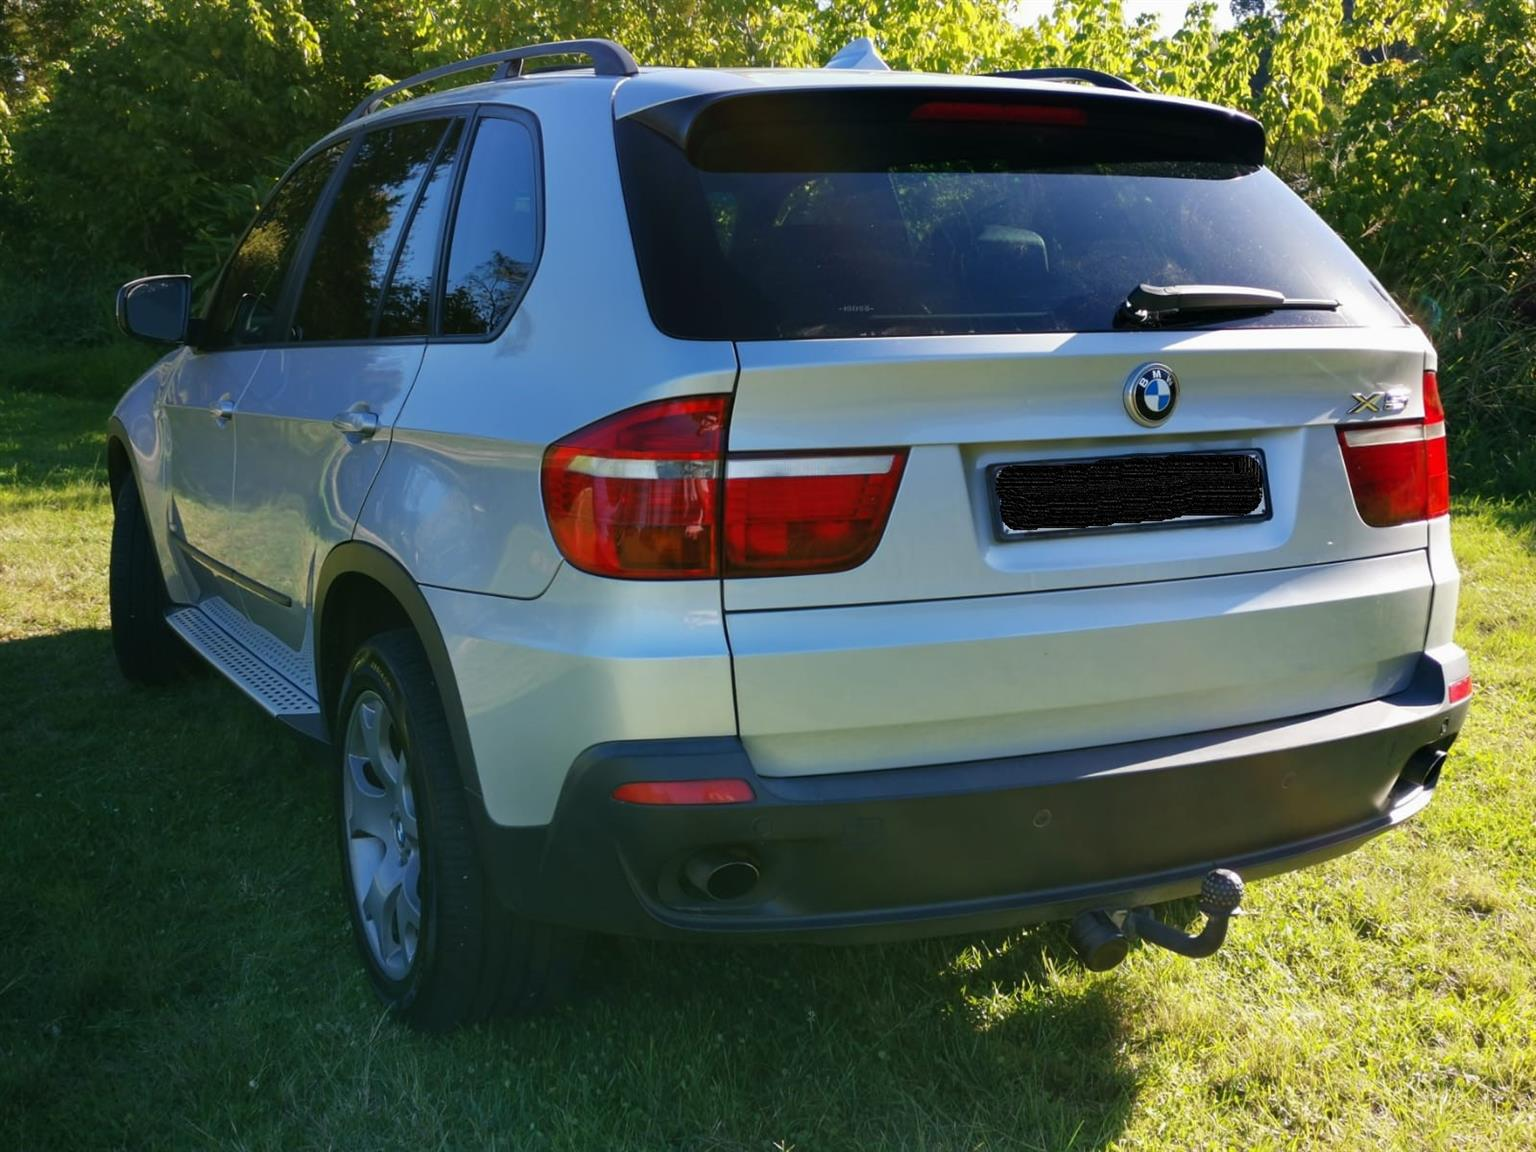 2008 BMW X5 3.0D A/T Exclusive (E70)